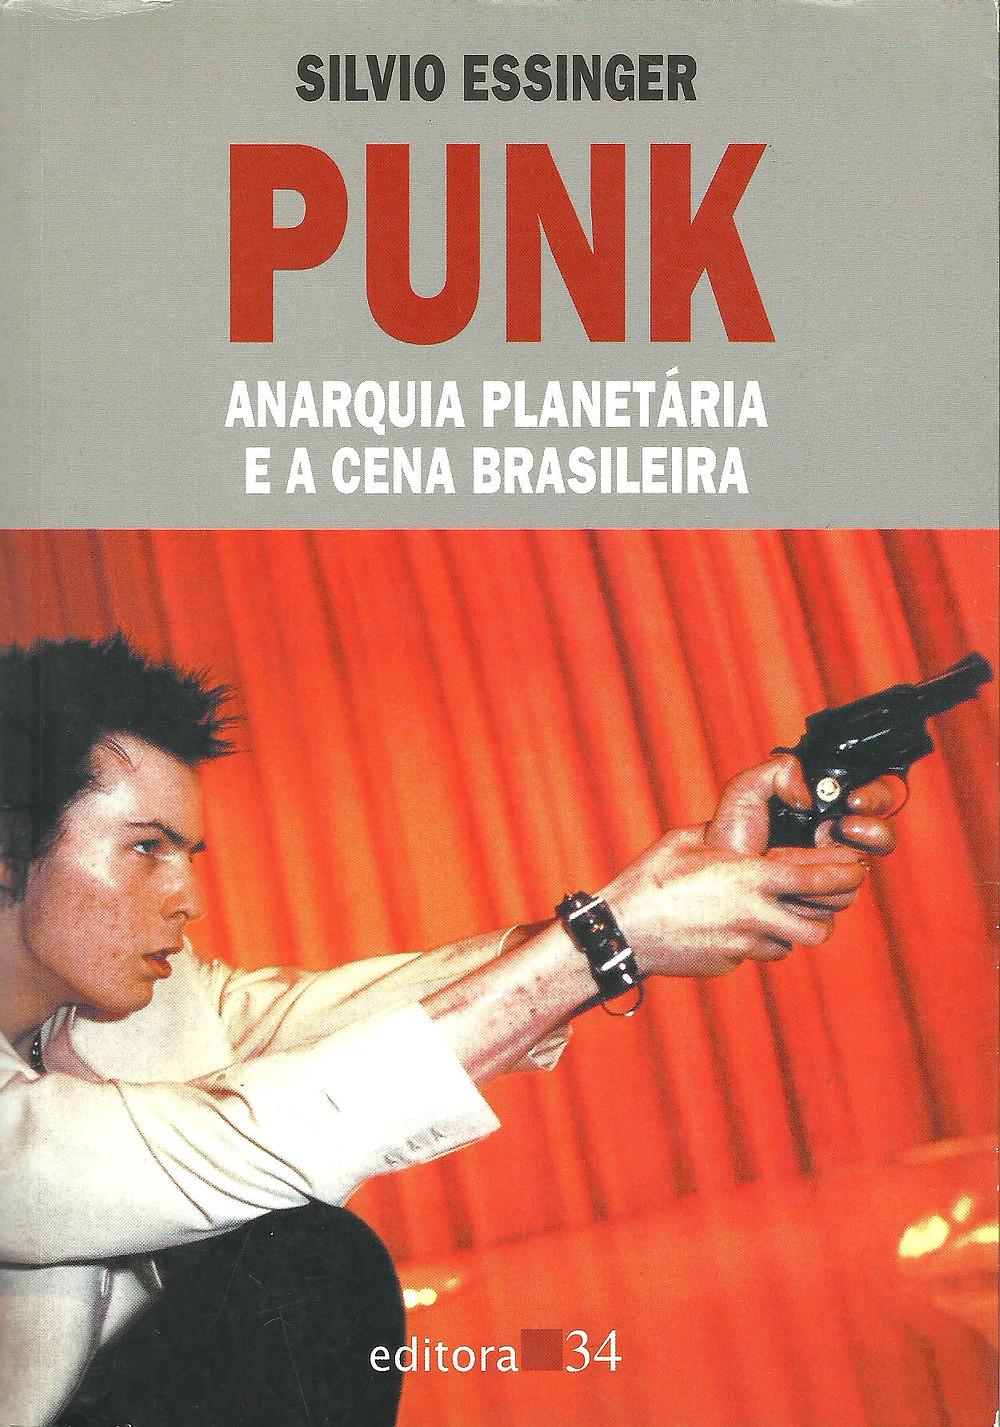 Livro Punk: Anarquia Planetária e a Cena Brasileira, de Silvio Essinger.